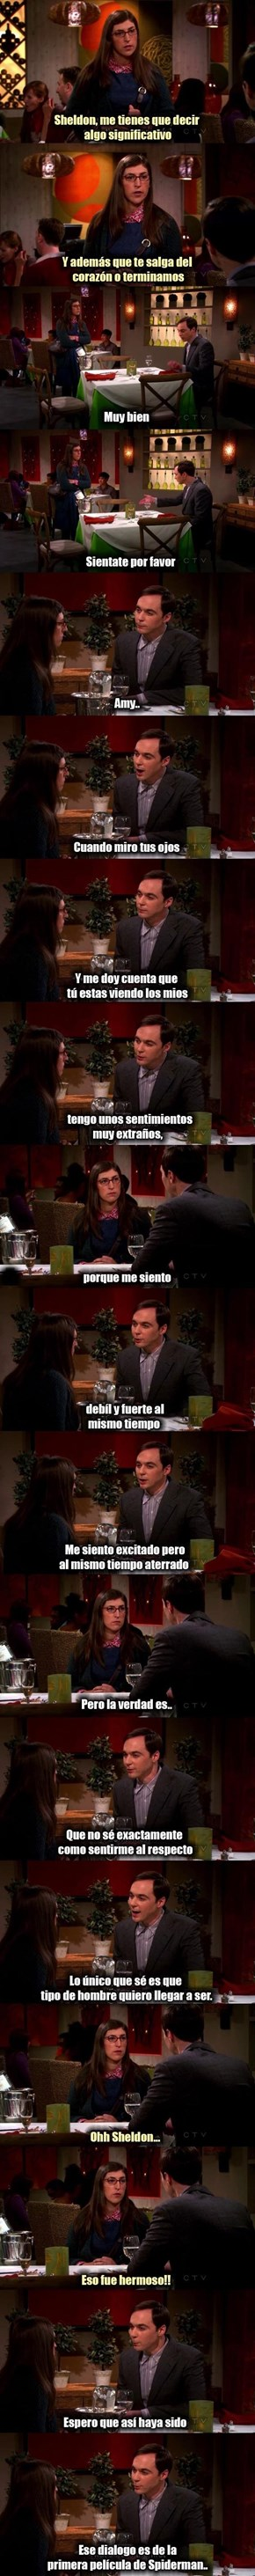 Hay románticos pero luego está Sheldon